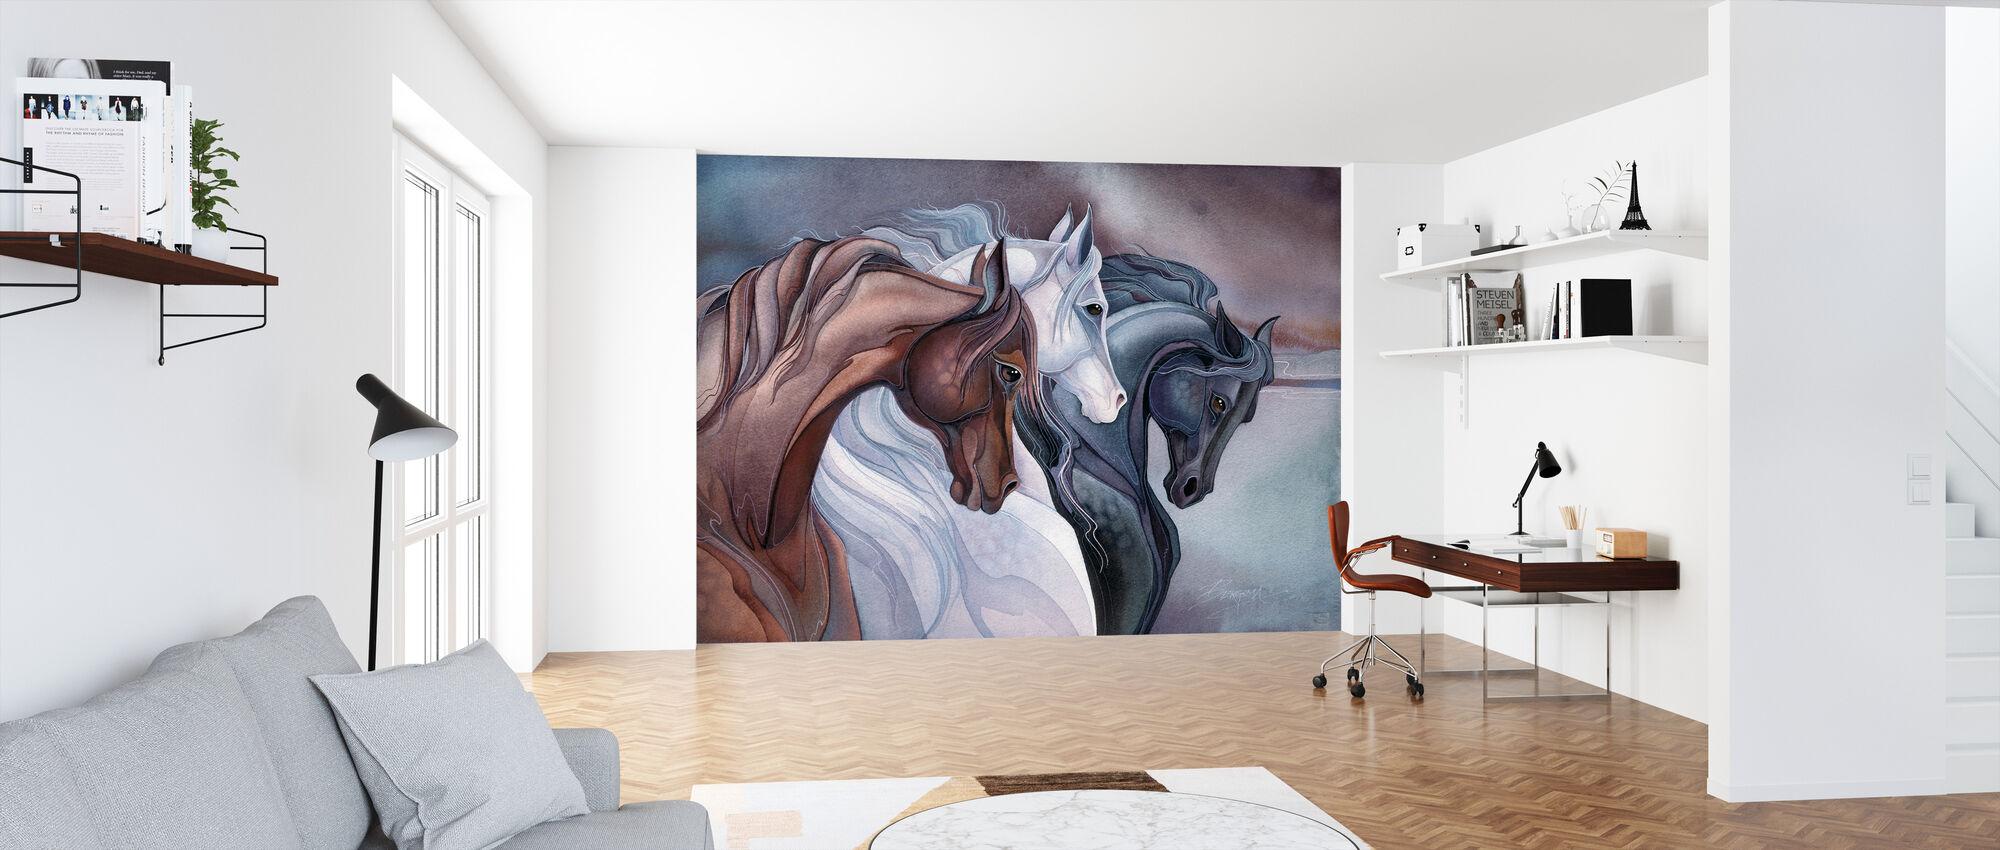 Elegant Horses - Wallpaper - Office